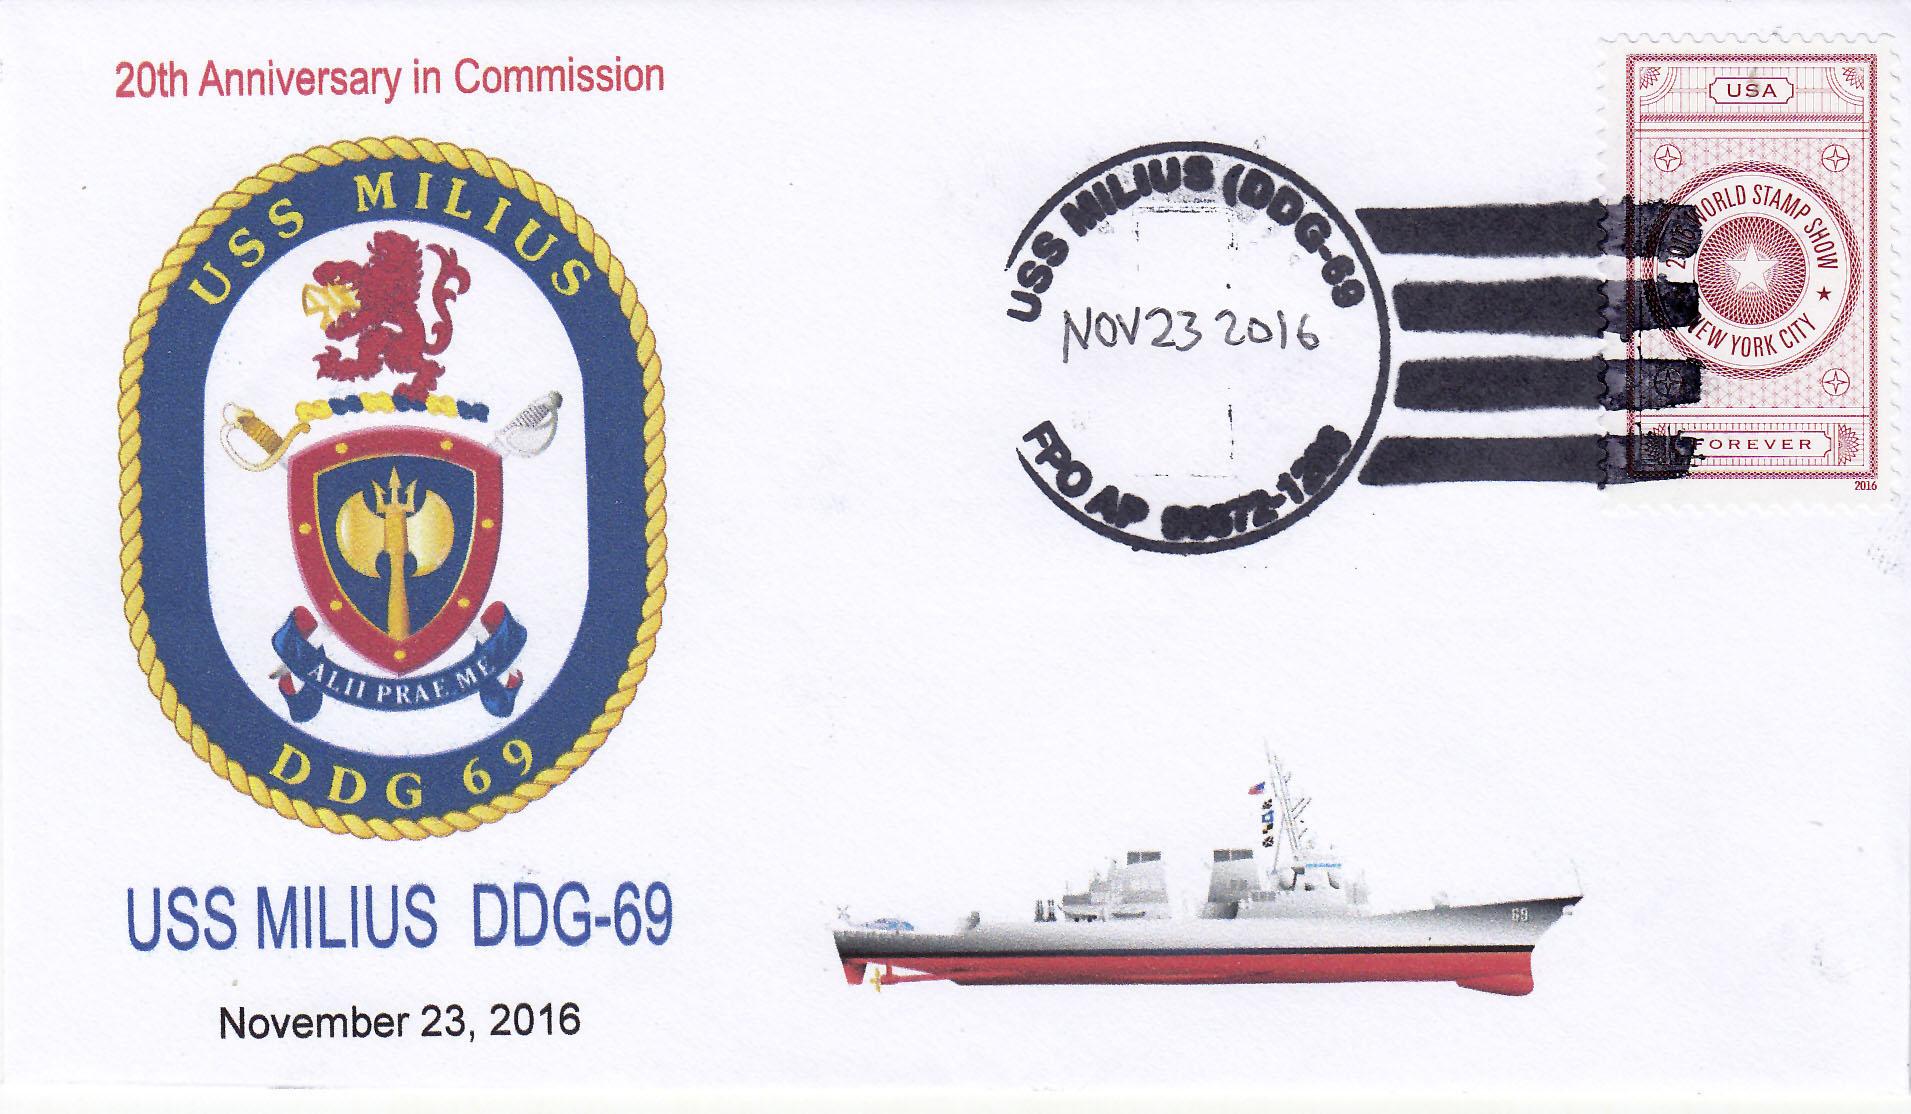 Beleg USS MILIUS DDG-69  20 Jahre im Dienst